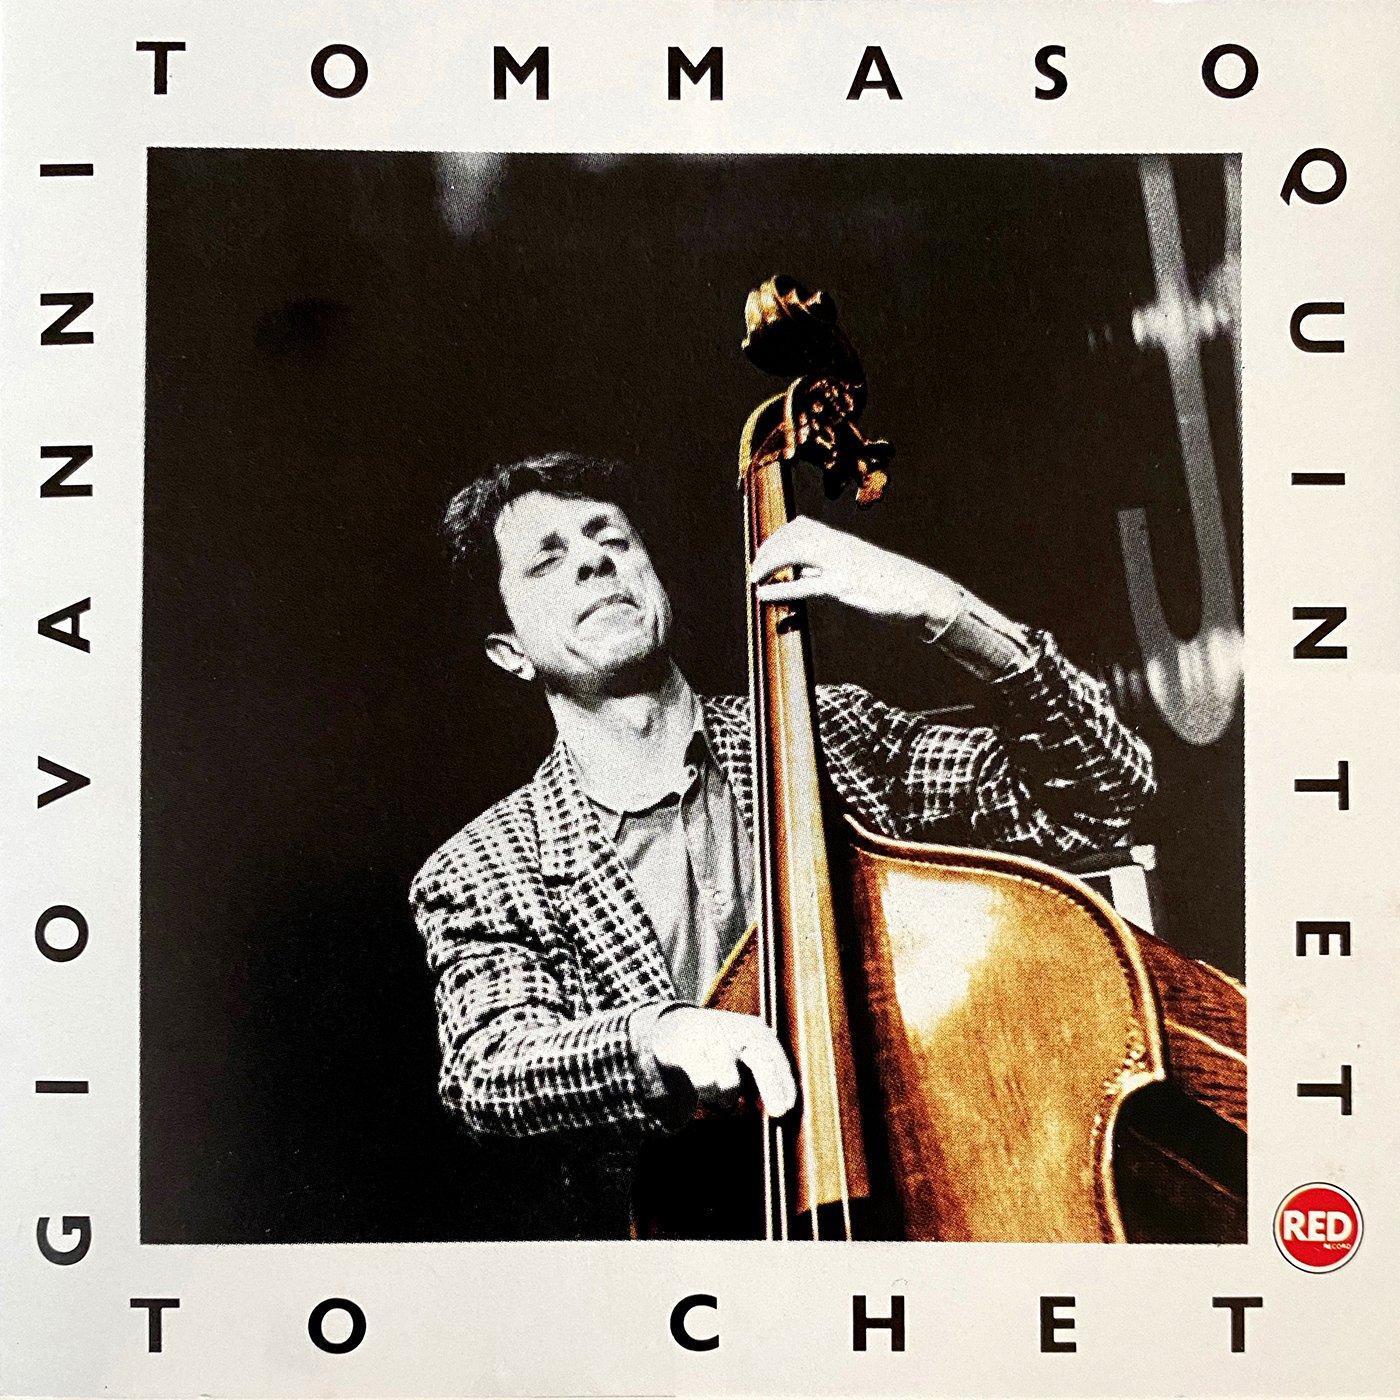 To Chet - Giovanni Tommaso 5Tet Feat. P. Fresu, F. Boltro, D. Rea, R. Gatto